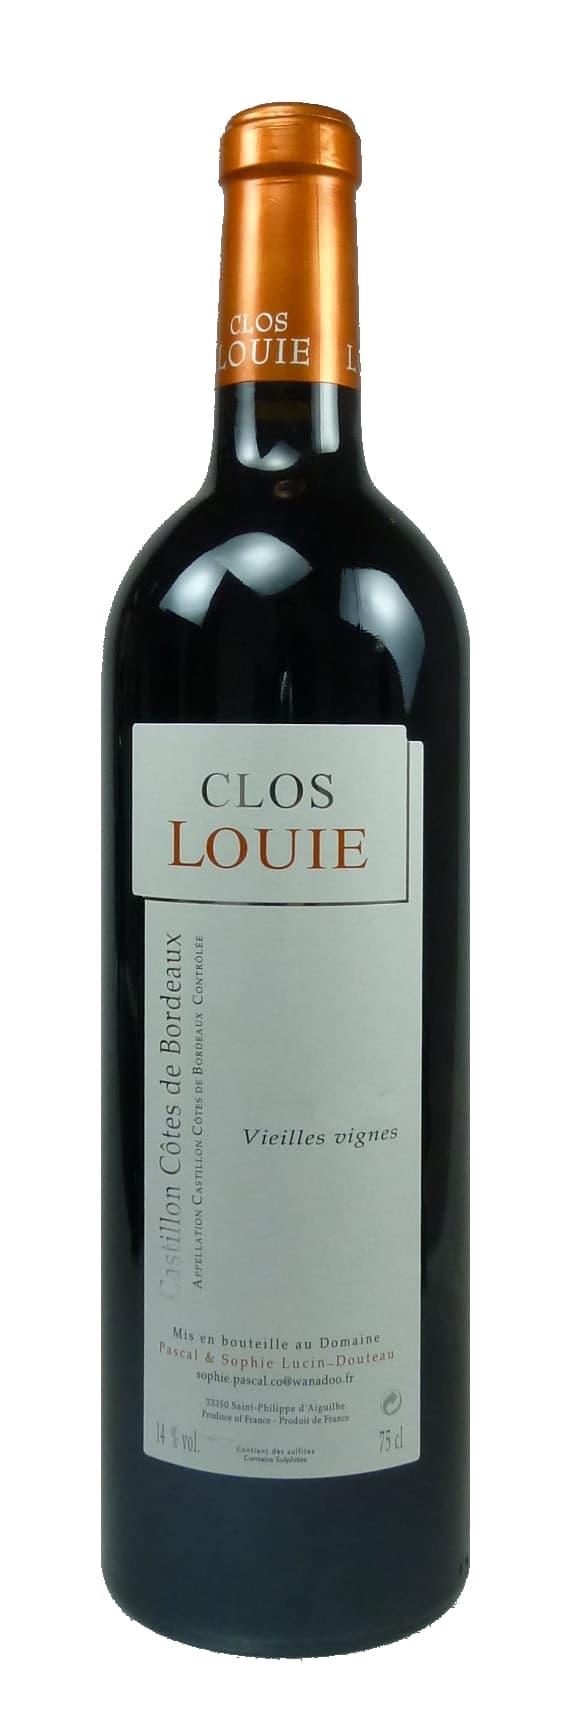 Castillon Côtes de Bordeaux 2008